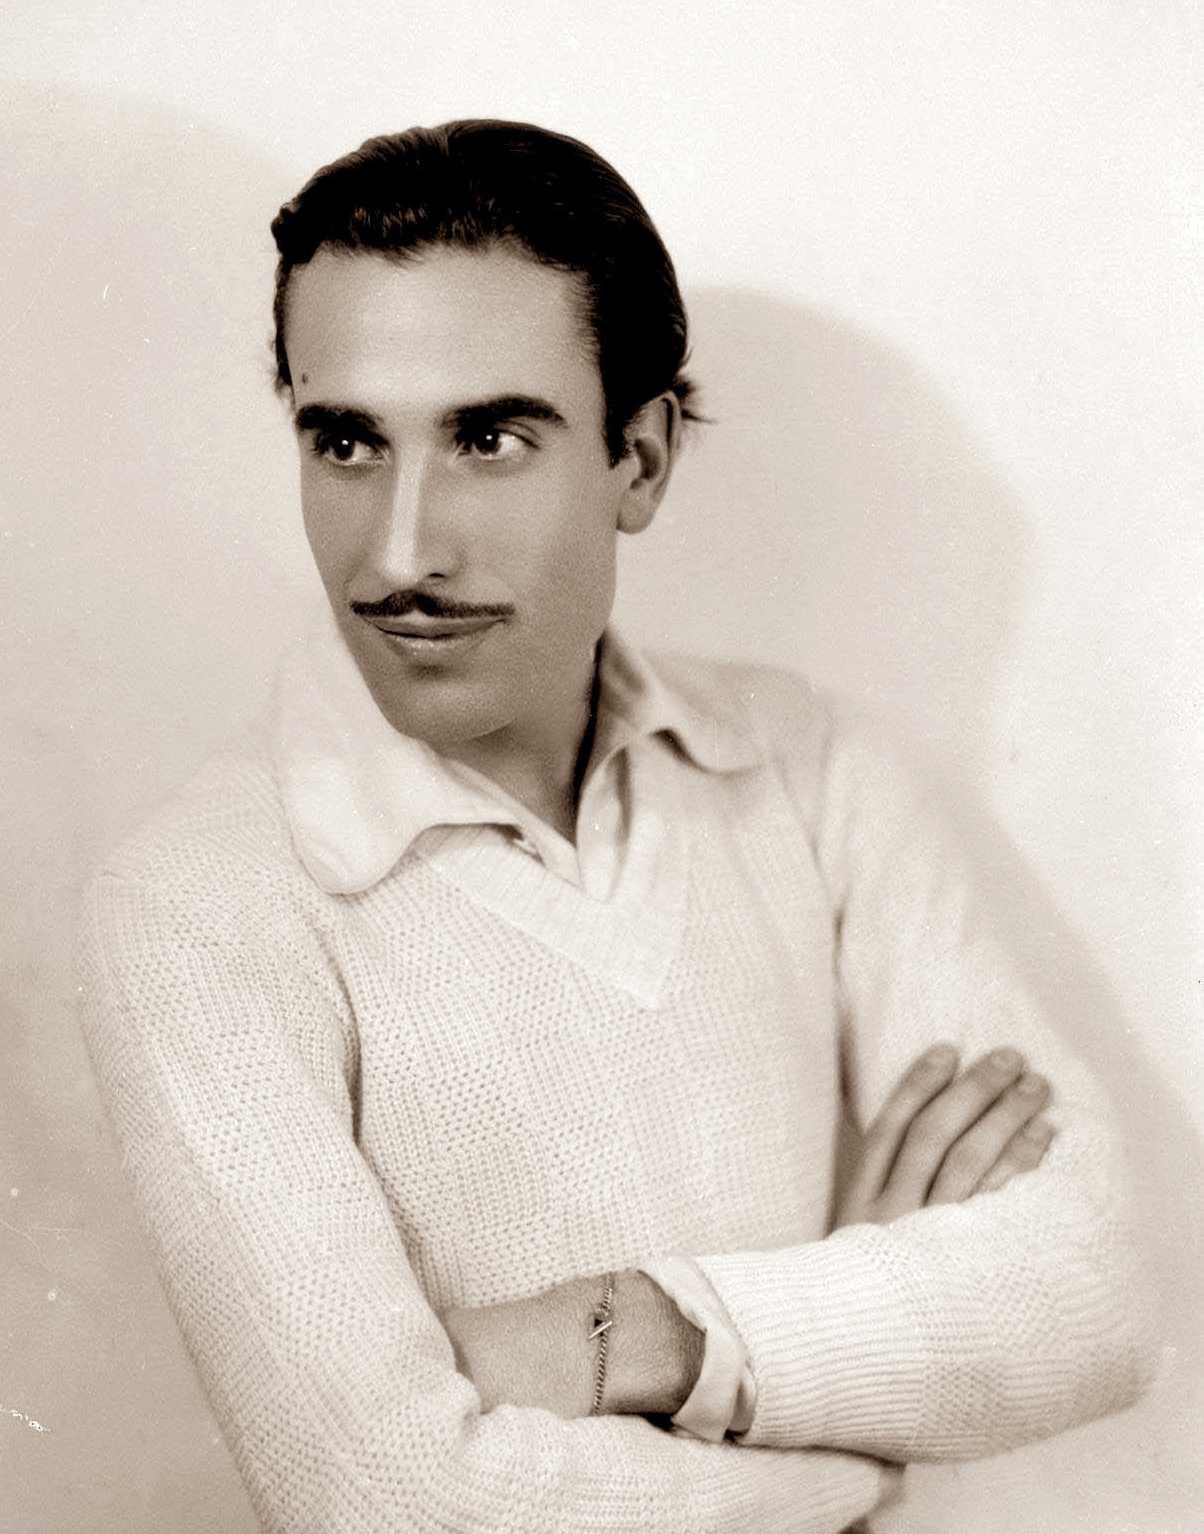 Andrés Carranque de Ríos fotografiat per Lagos a finals dels anys vint